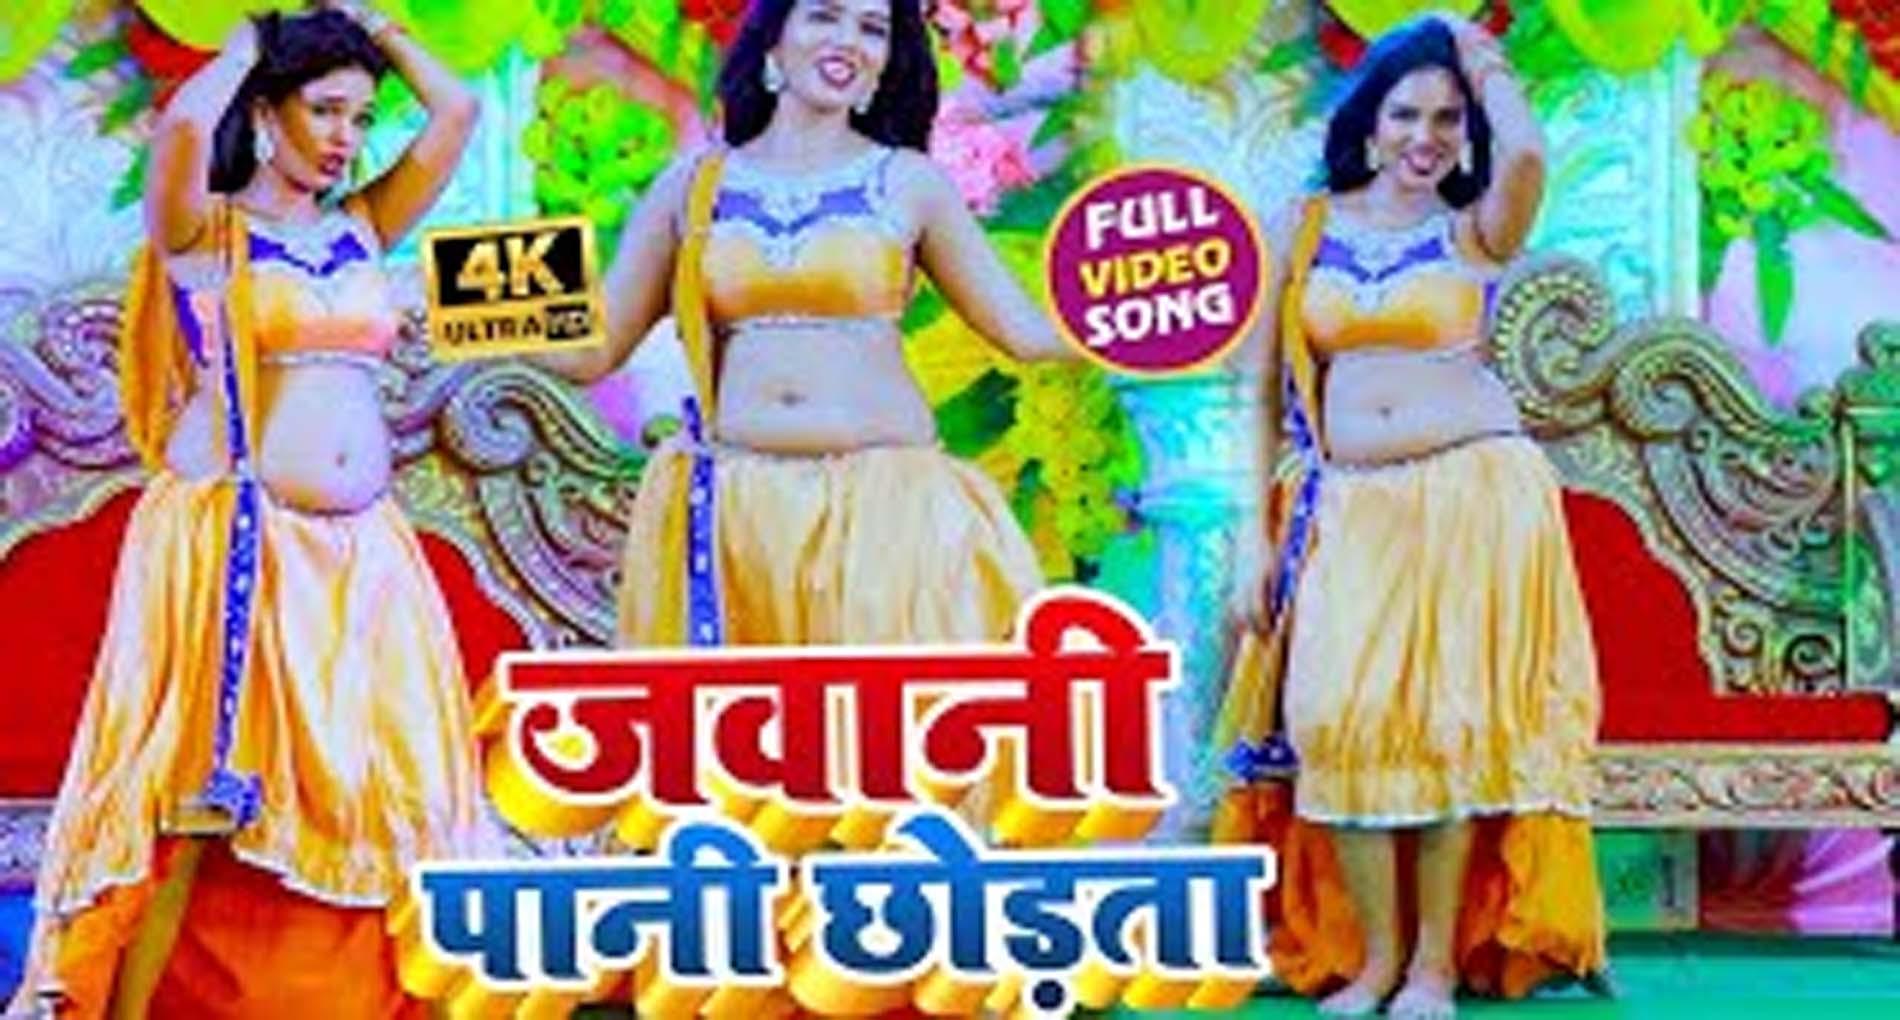 """Hit Bhojpuri Video Song: """"पीले लहंगा वाली के जवानी पानी छोड़ता"""" गाना हुआ वायरल"""